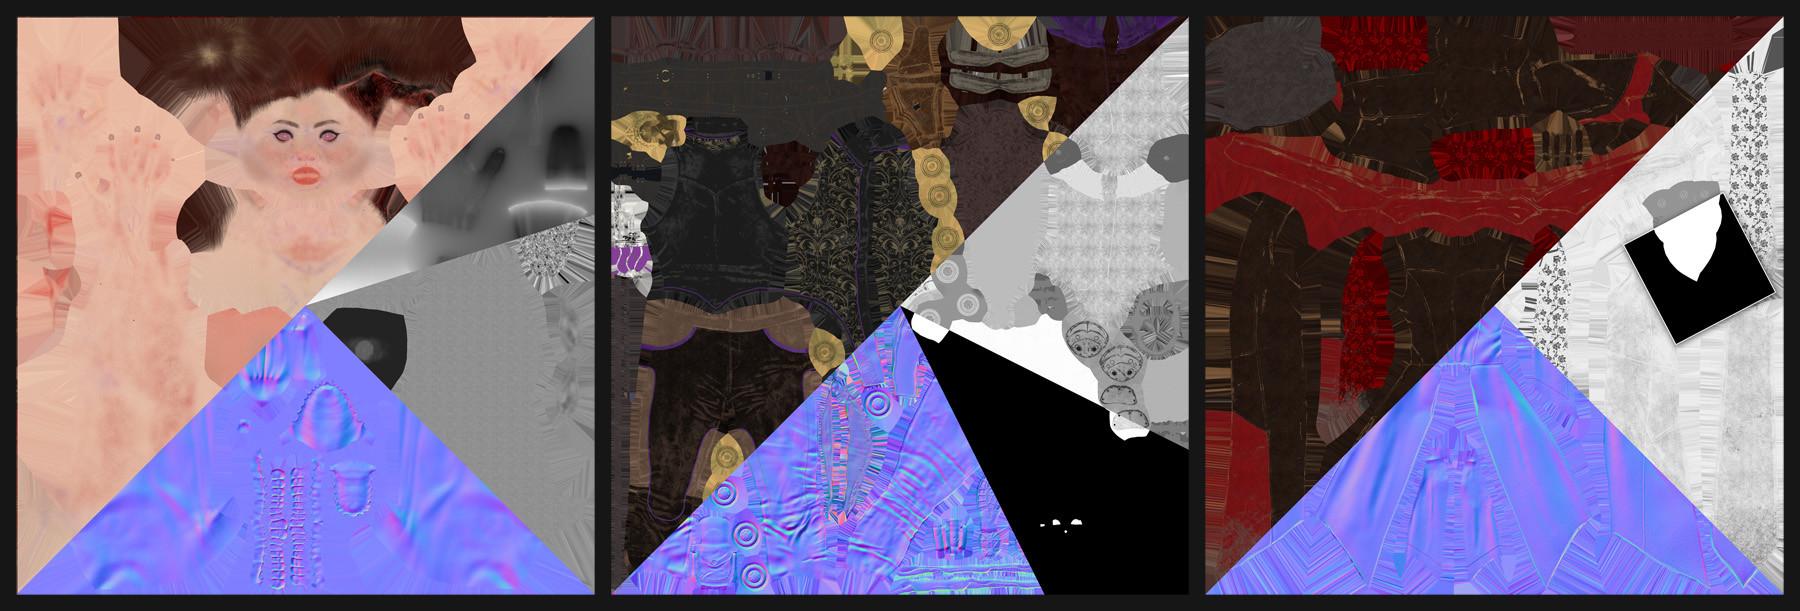 Adrina wennstrom textures